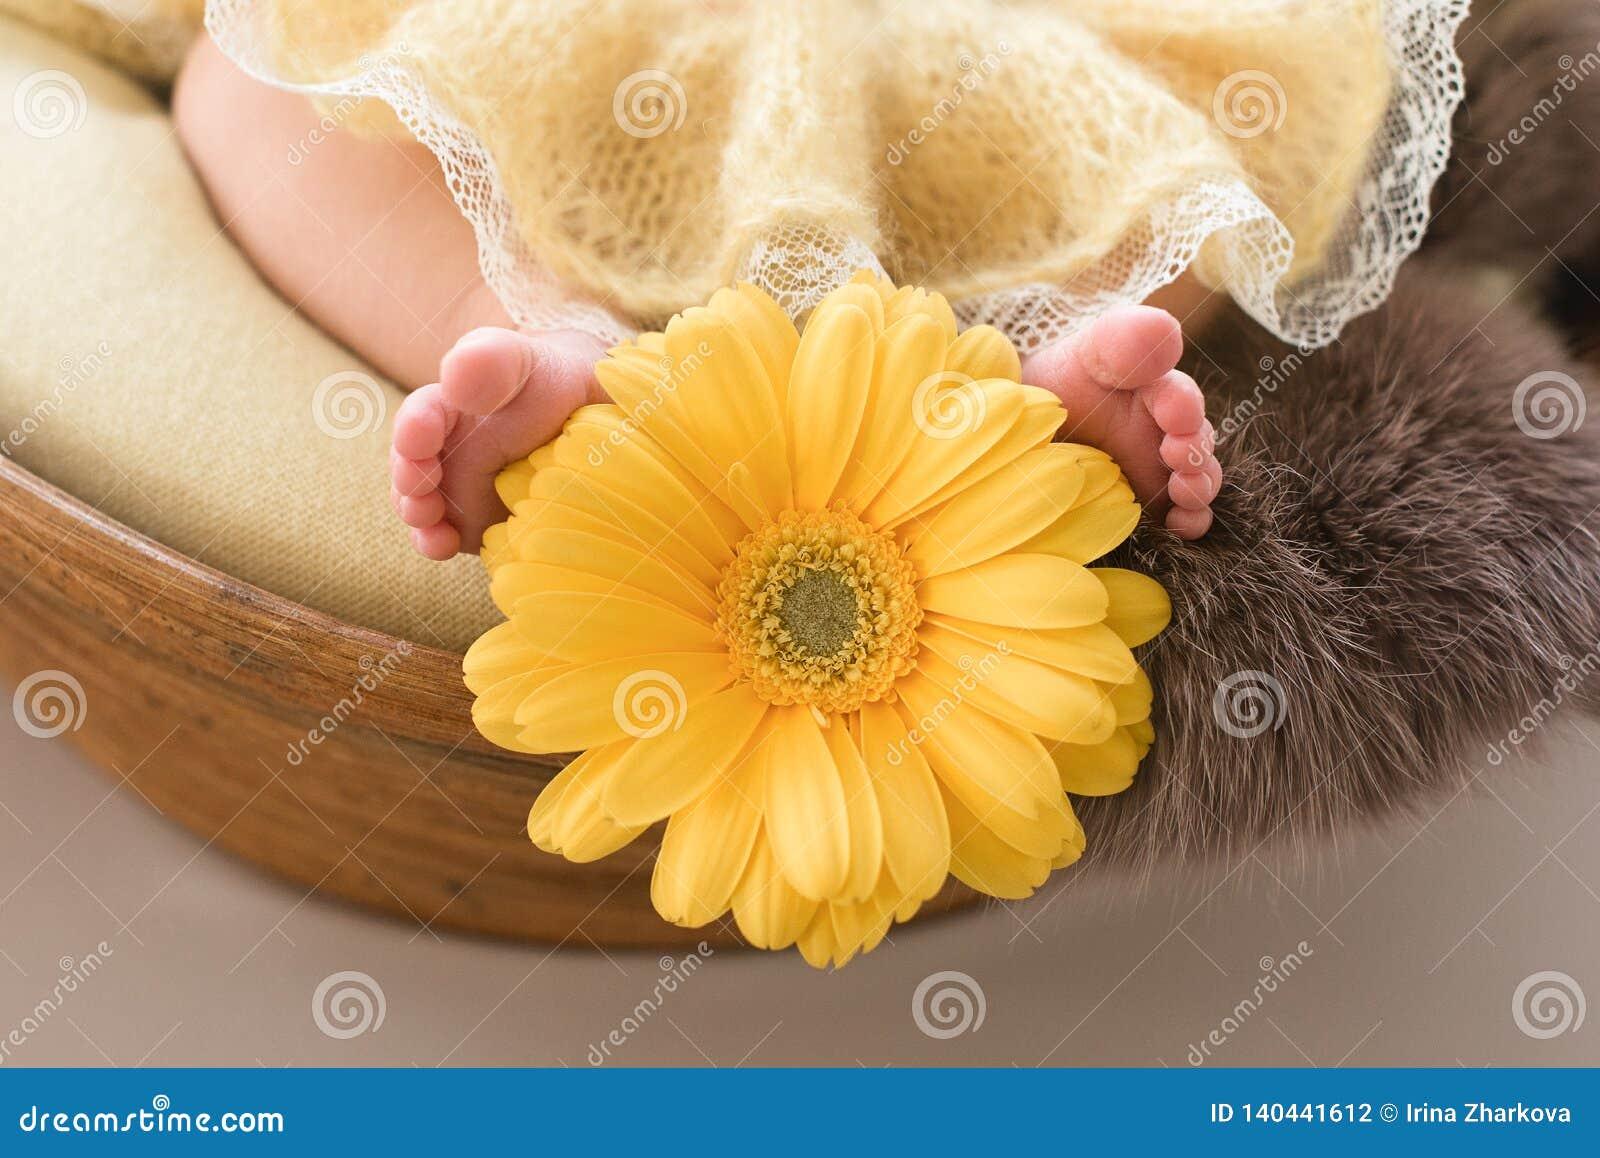 Τα πόδια ενός νεογέννητου κοριτσιού, λίγο ballerina στα χνουδωτά σημεία, χορευτής κούρασαν, φούστα tutu, νεογέννητη